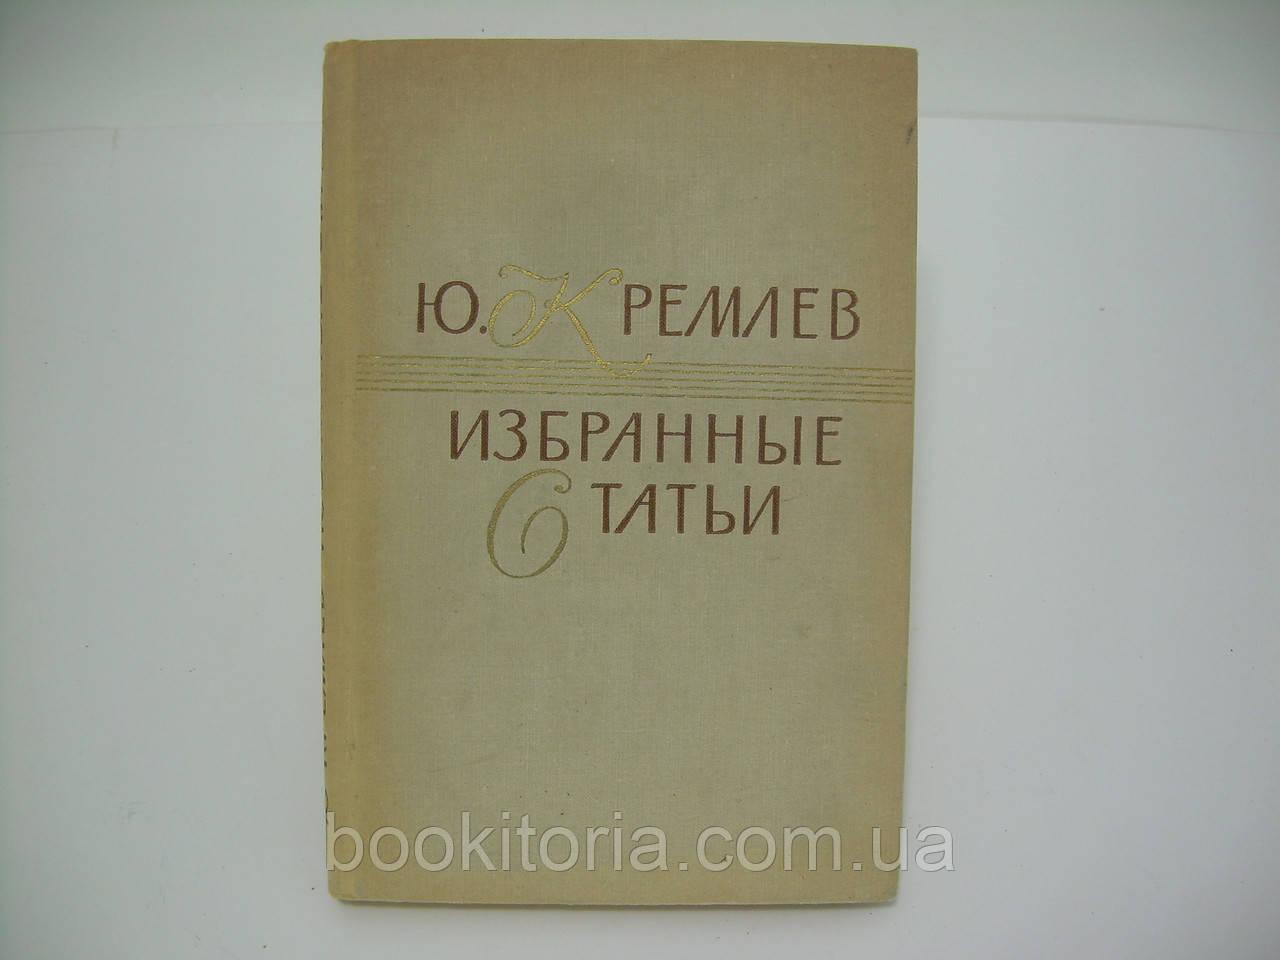 Кремлев Ю. Избранные статьи (б/у).